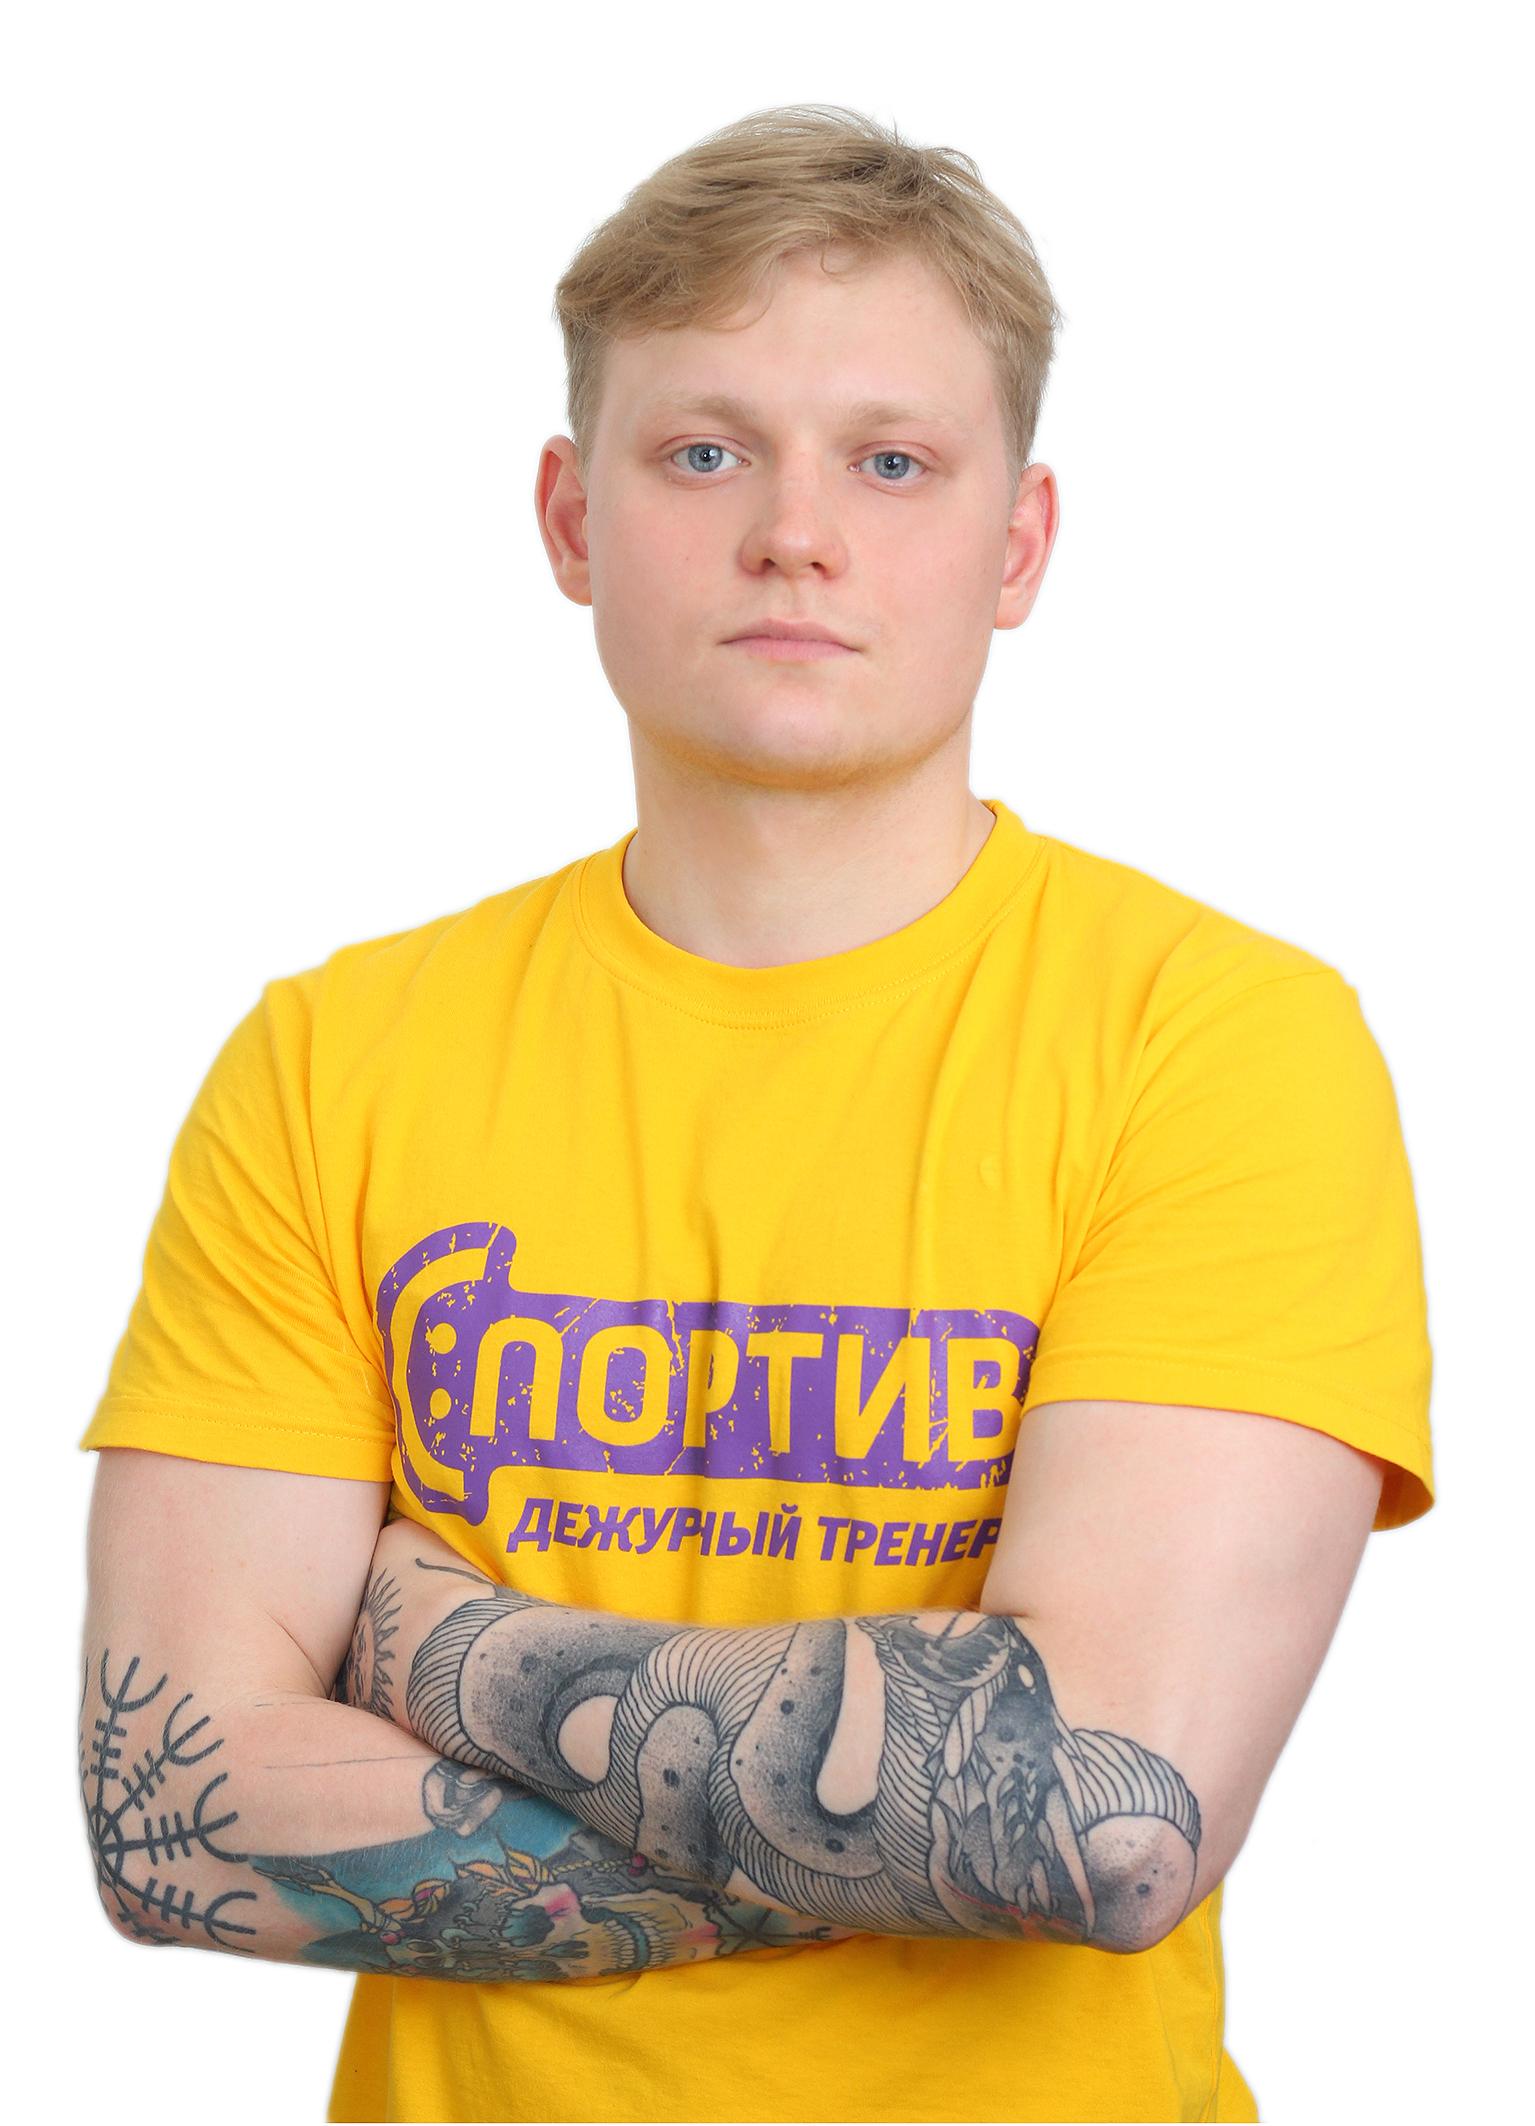 Персональный тренер — Гончаров Даниил